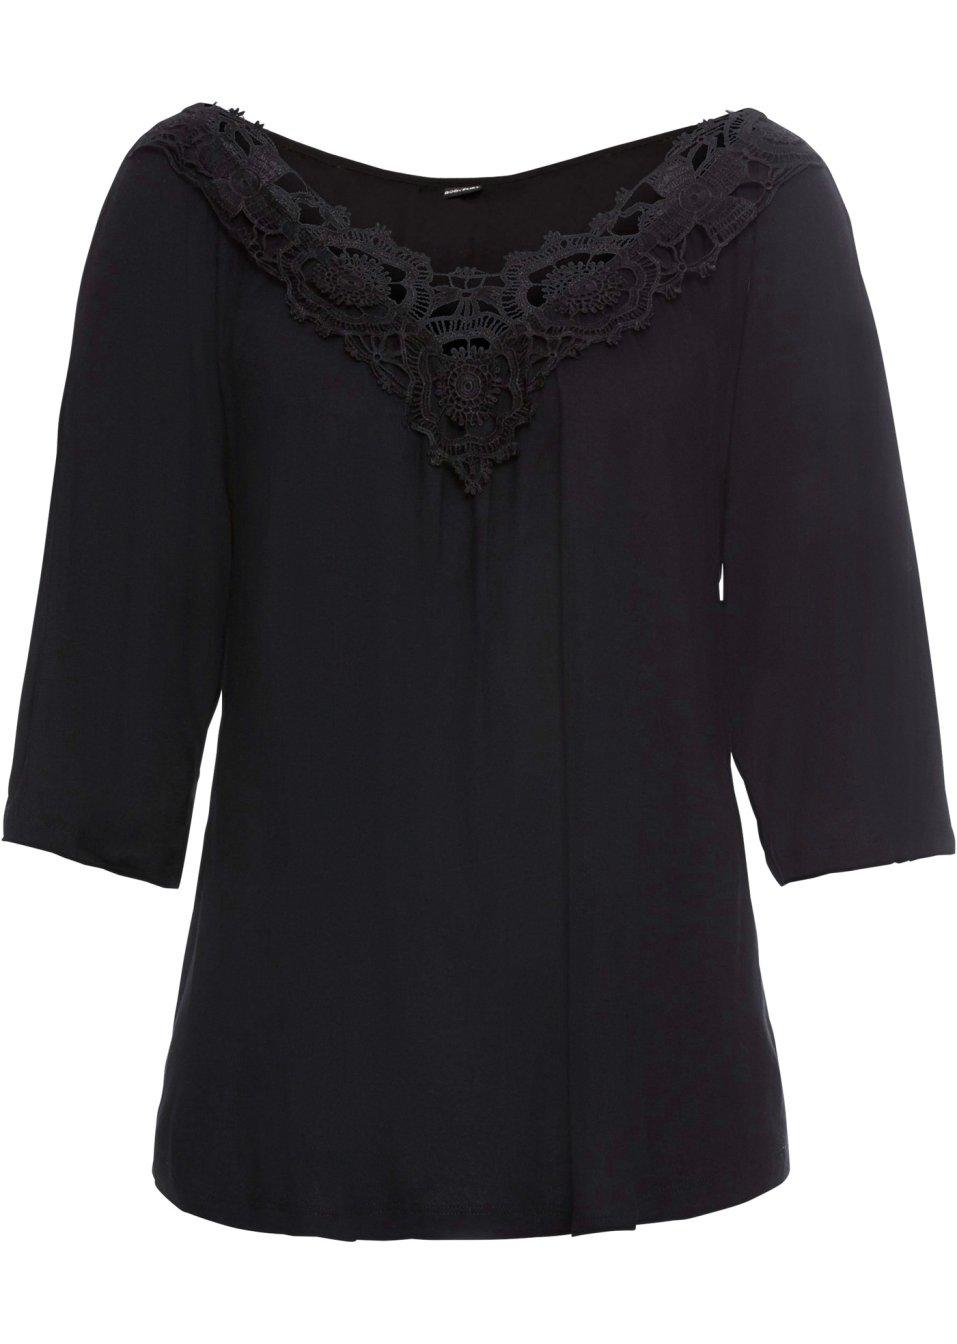 Romantisches Shirt in weiter Passform - schwarz bE2kB xVyb8